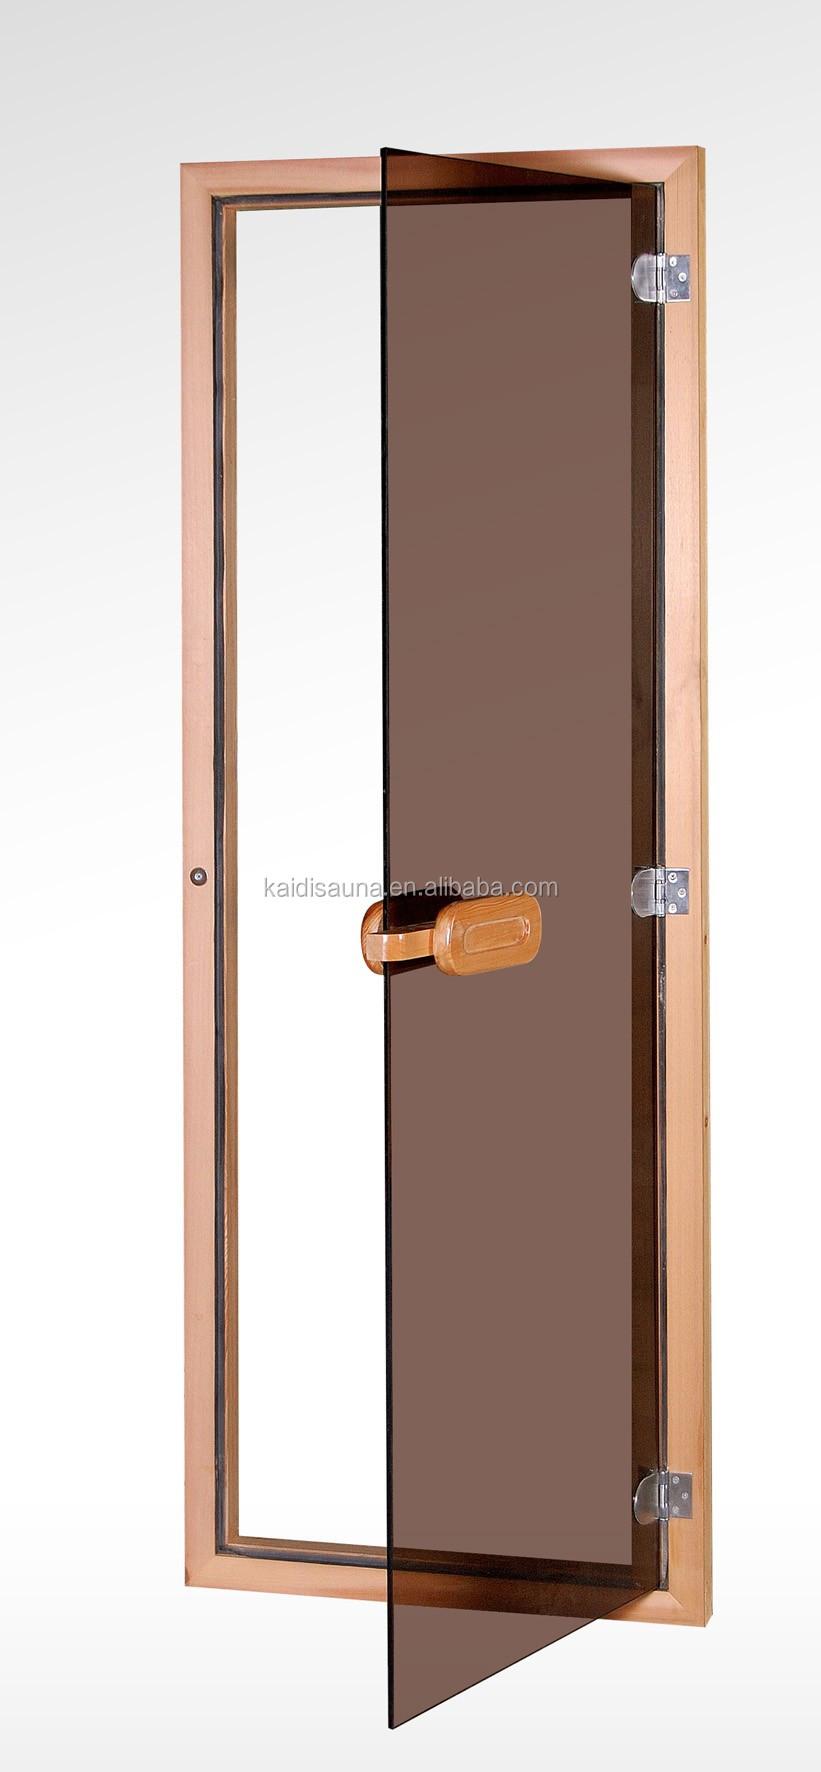 China nuevos productos de aluminio sauna puerta de cristal - Productos para sauna ...